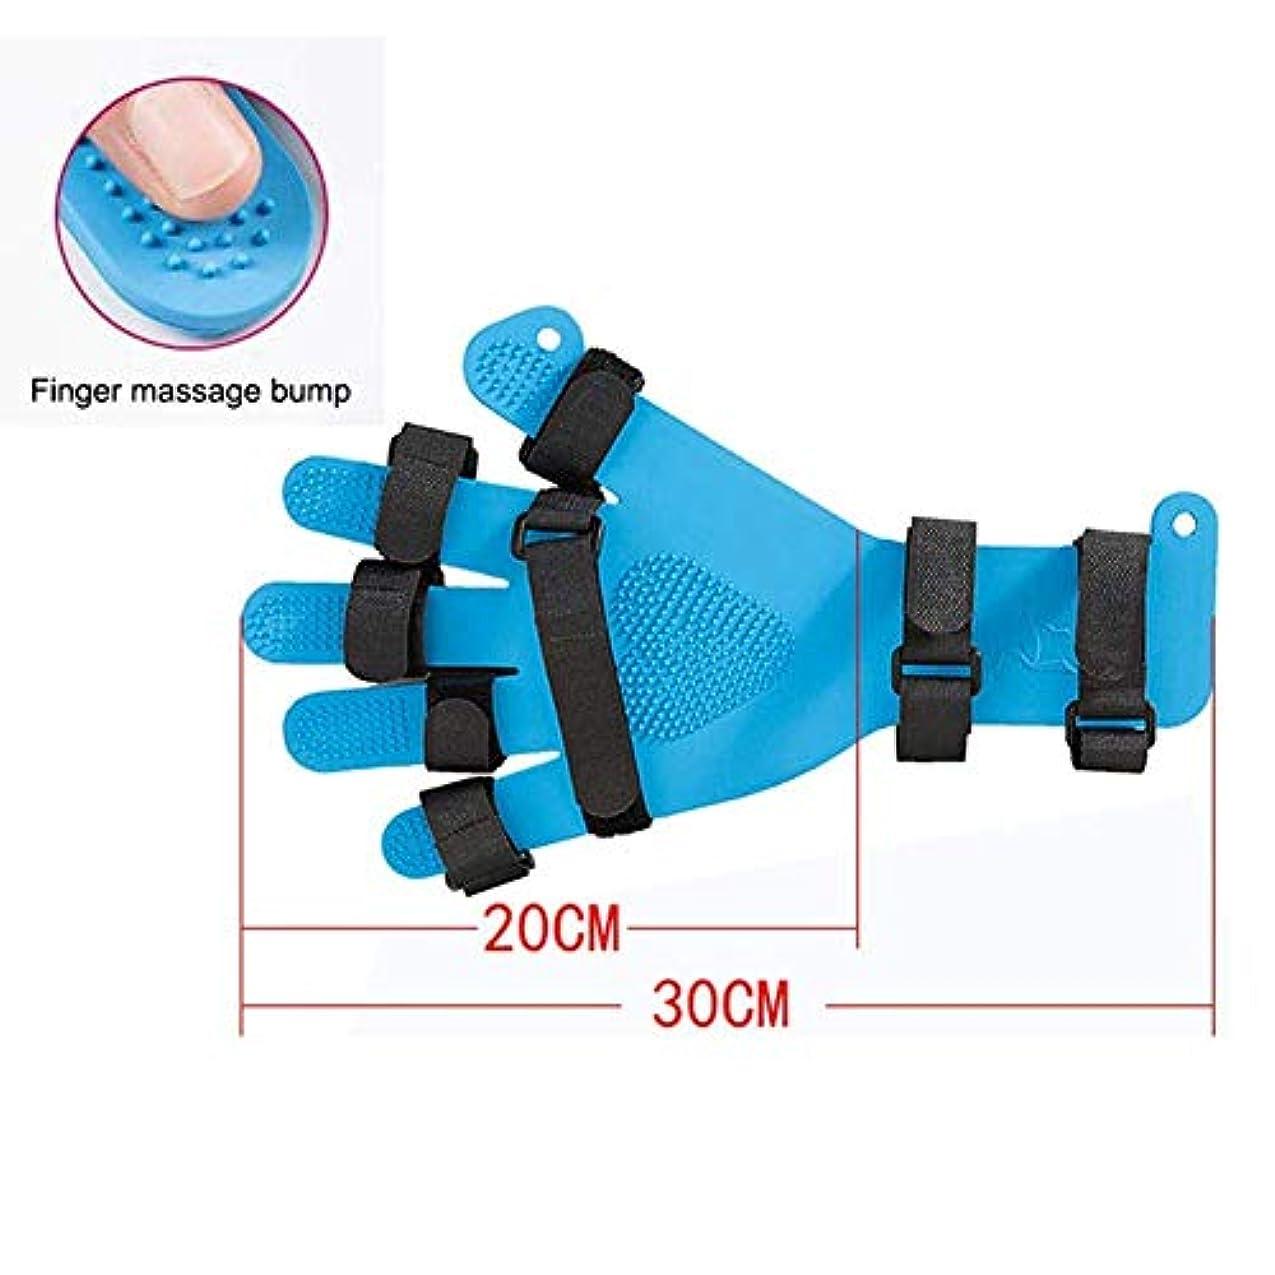 突破口寓話猛烈なフィンガースプリント指指セパレーター、トリガーフィンガースプリント、指インソールは、両手のために指スプリントトレーニングサポートポイント